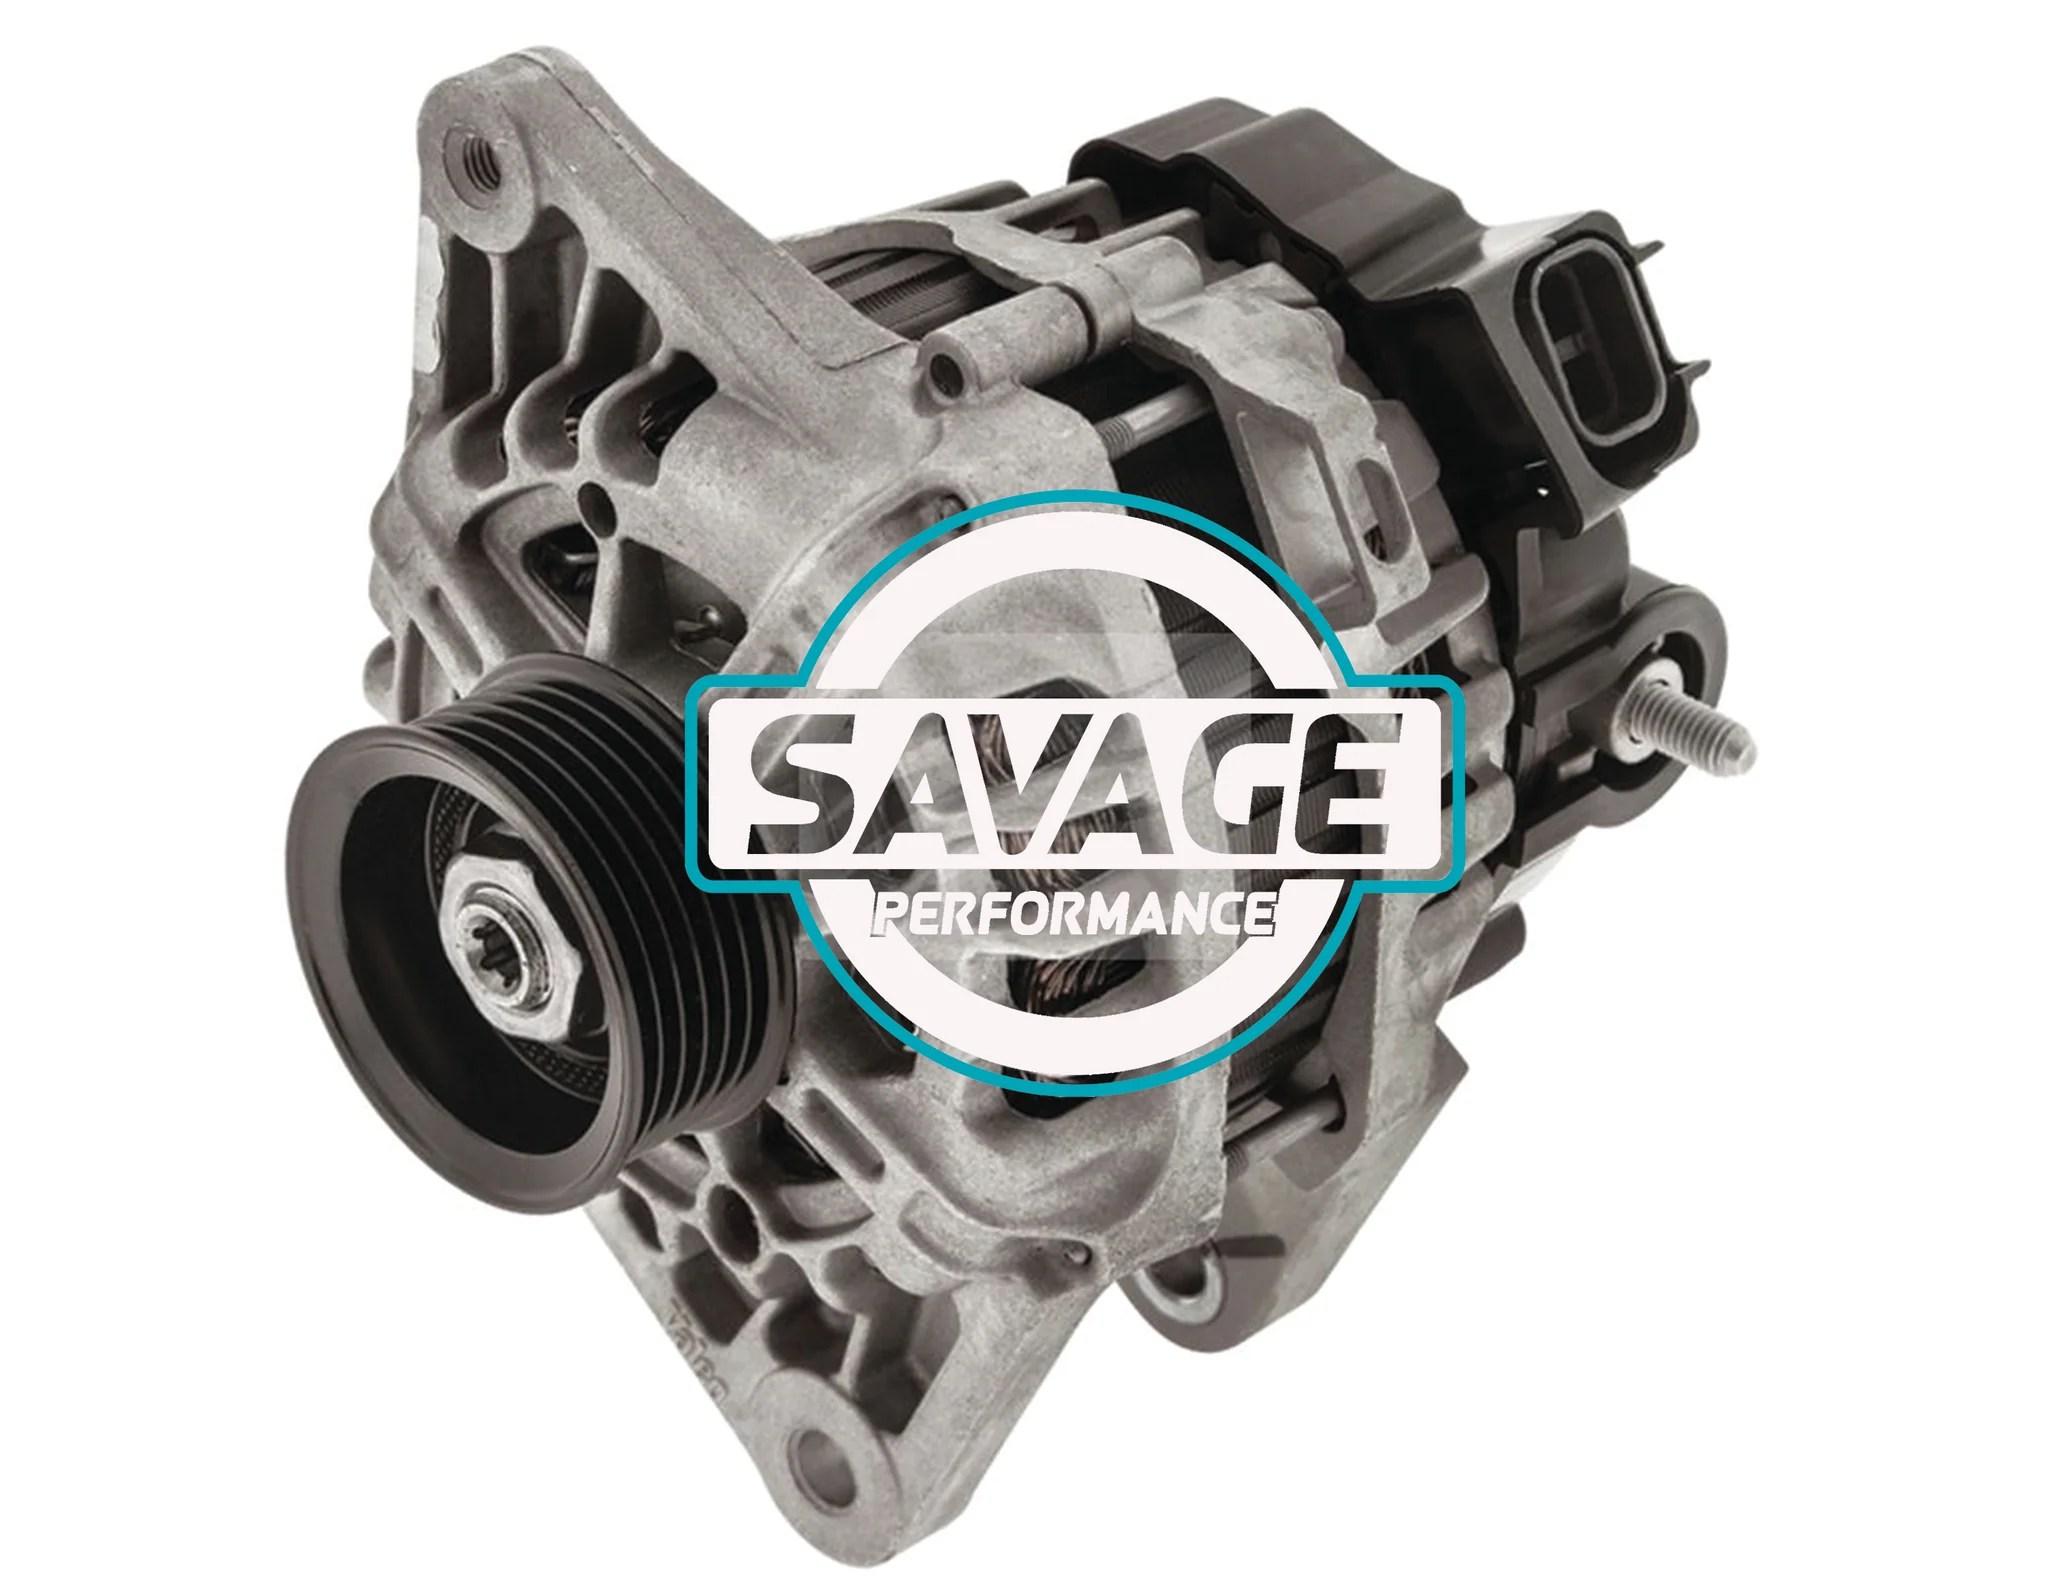 small resolution of hyundai elantra i20 i30 08 2 wire 14v 90a alternator savage performance and spares